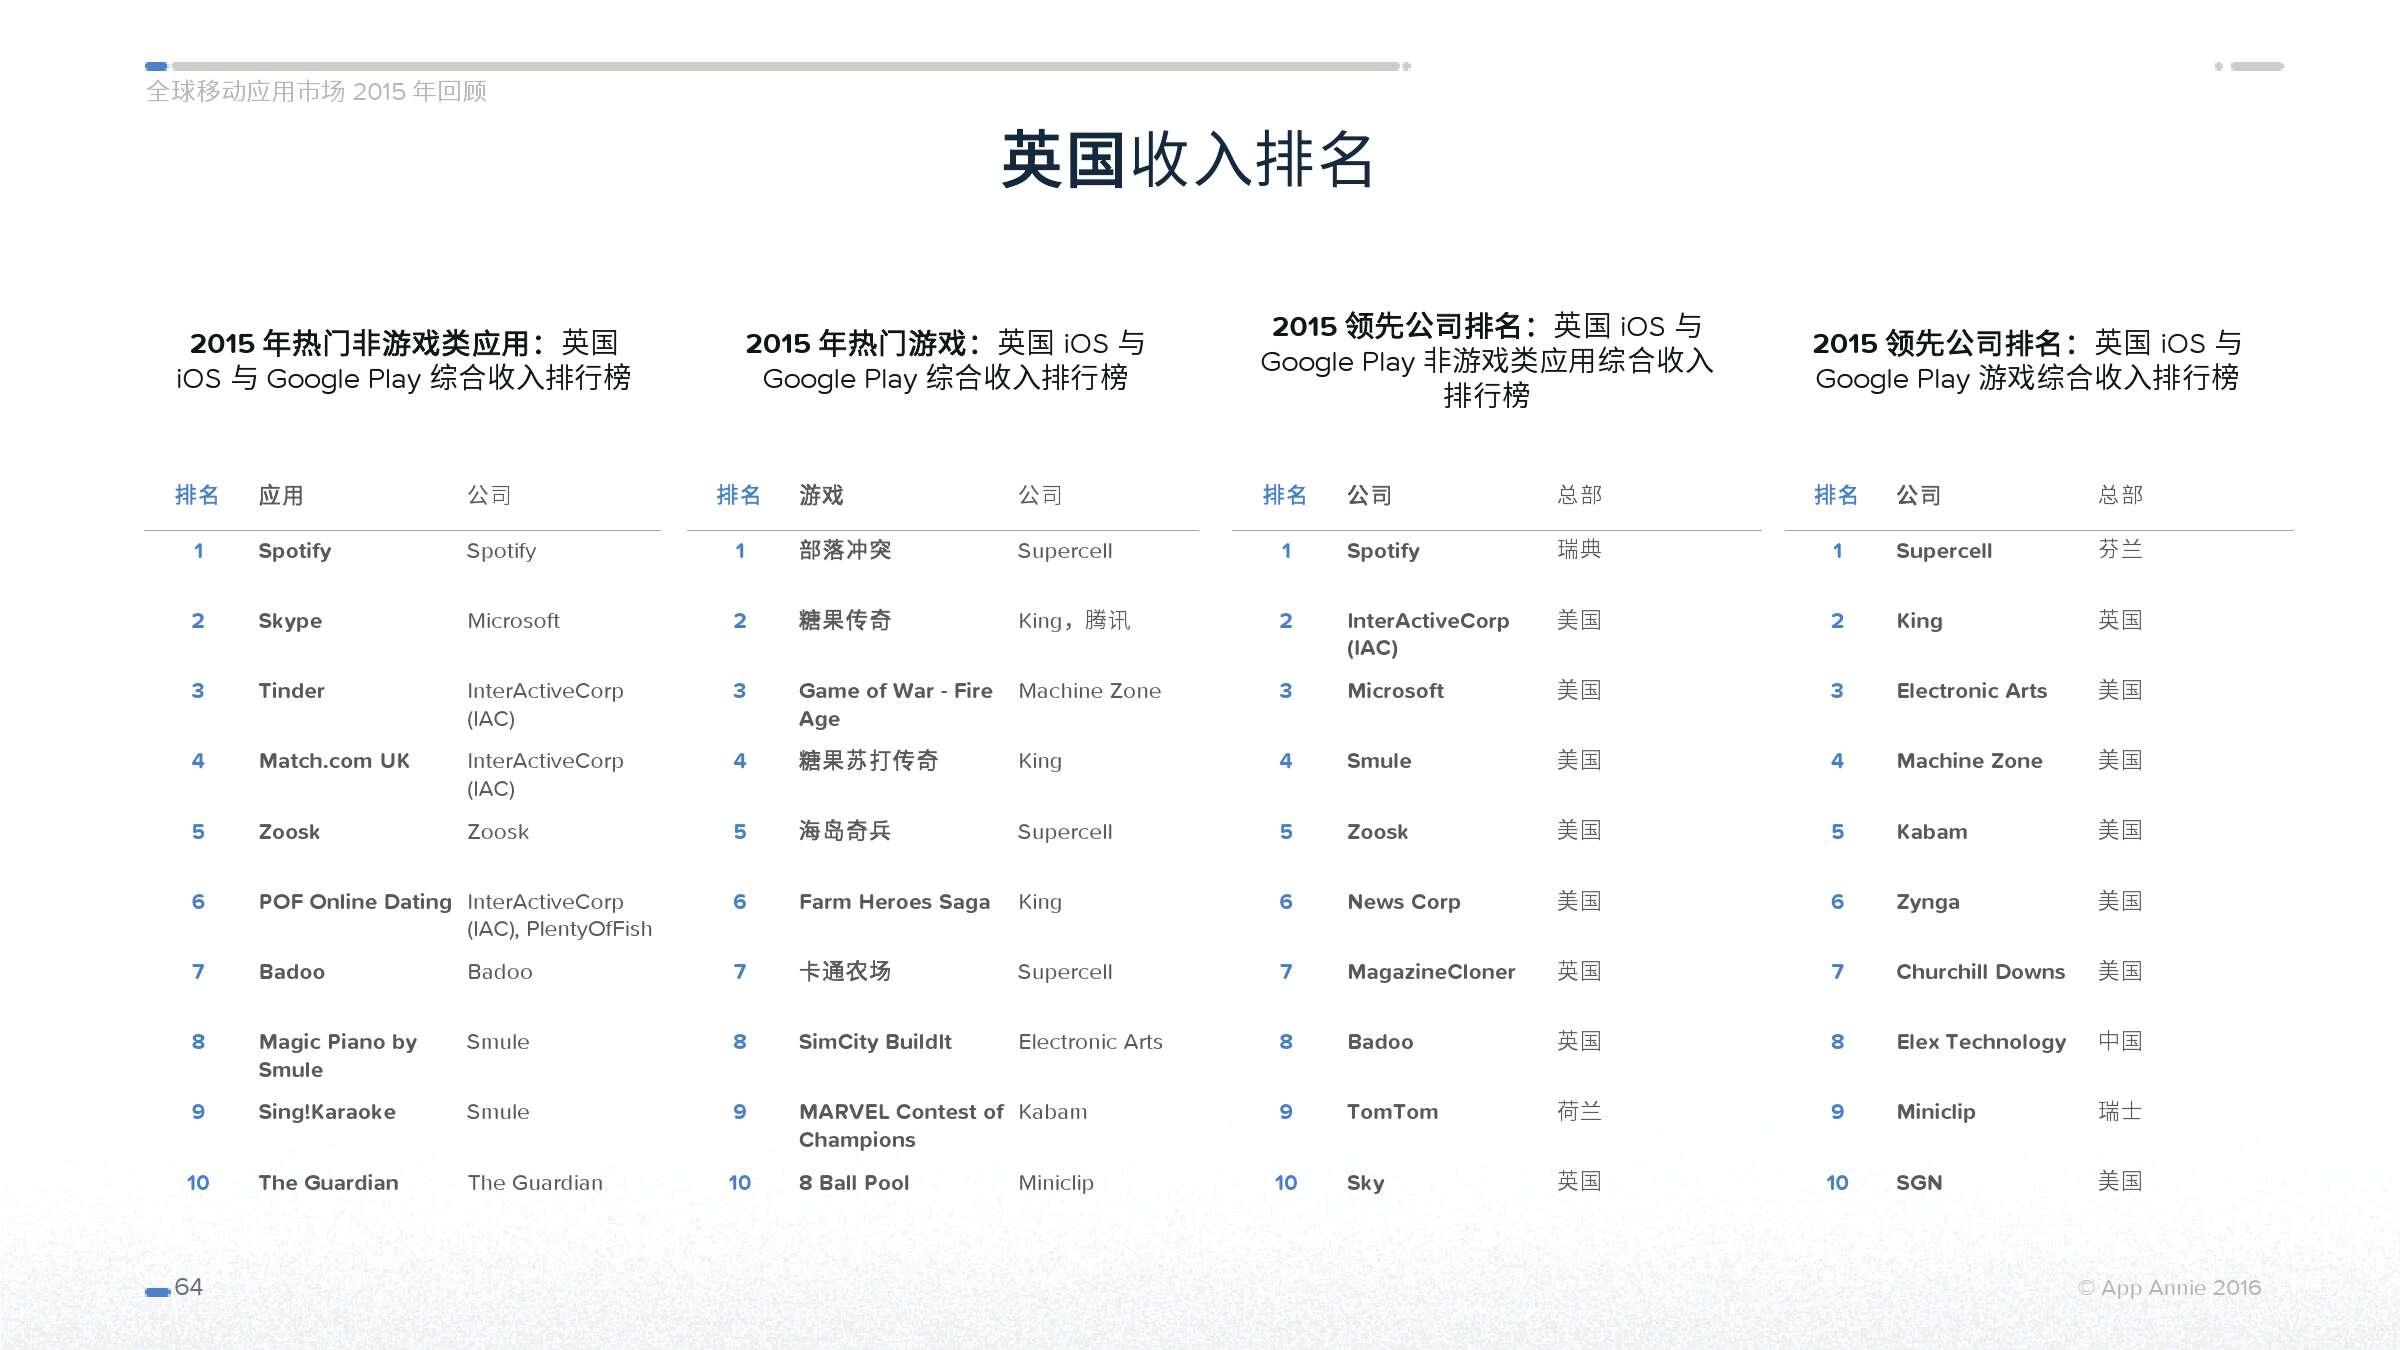 App Annie 全球移动应用市场 2015 年回顾_000064